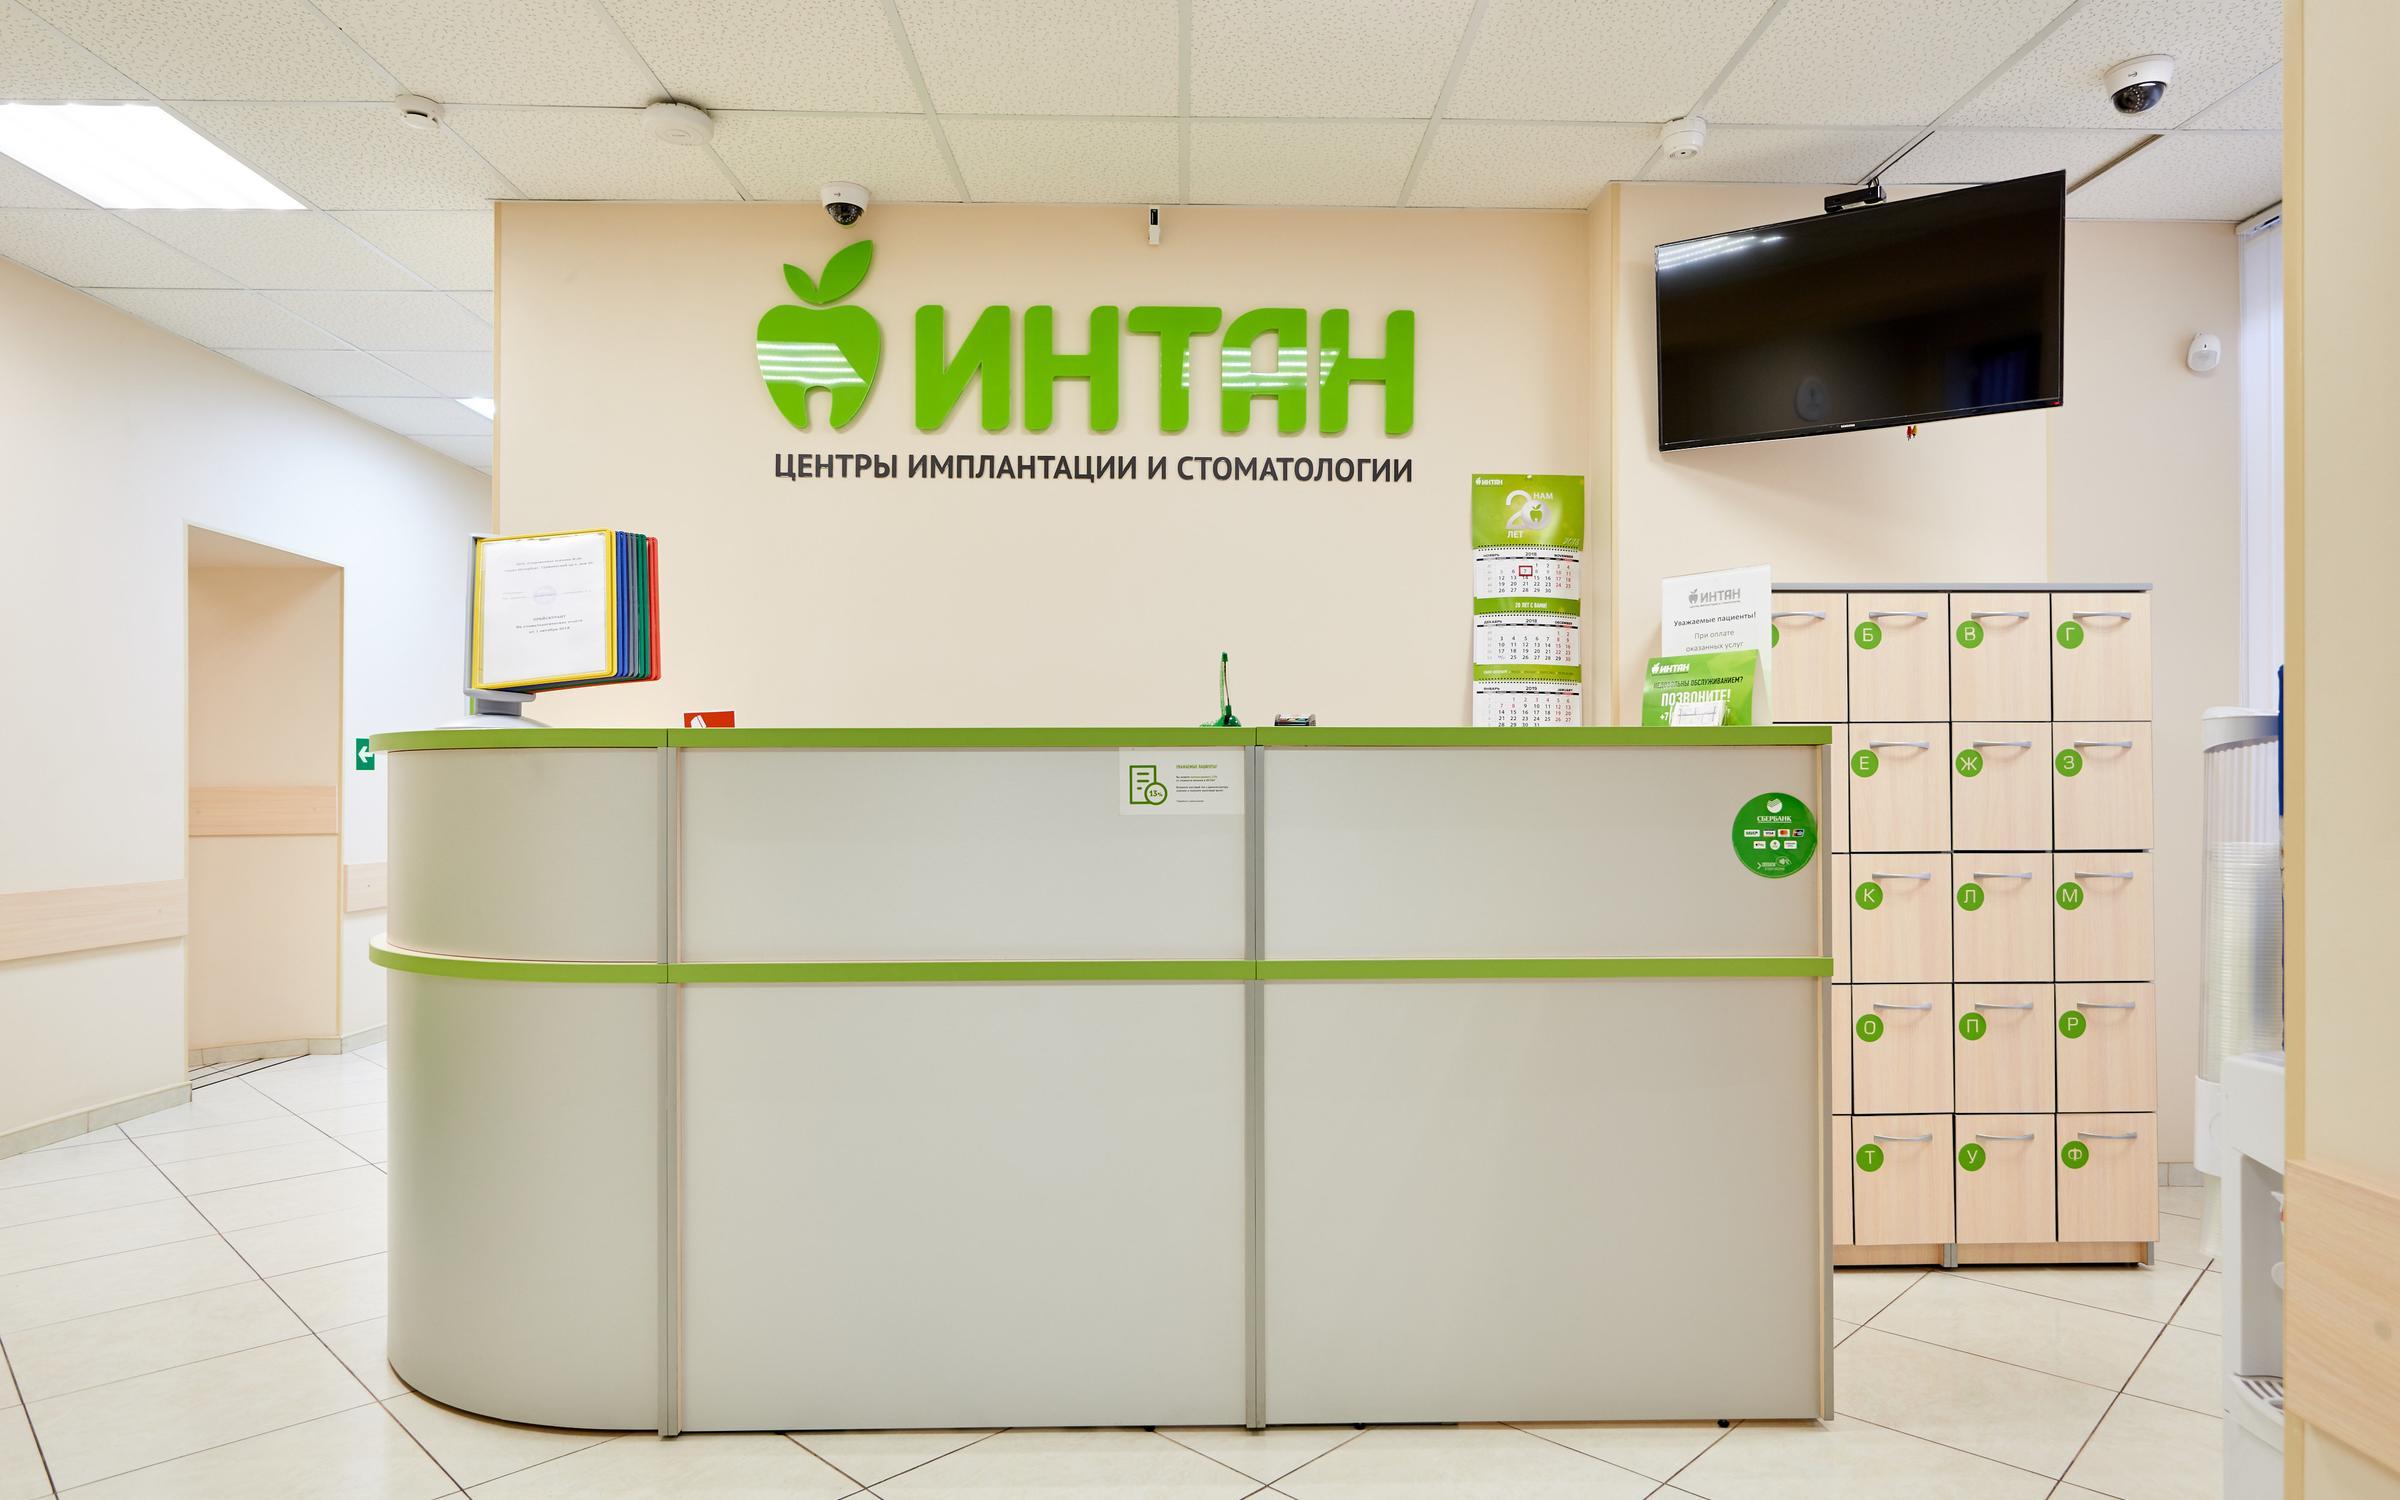 фотография Центра имплантации и стоматологии ИНТАН на Гражданском проспекте